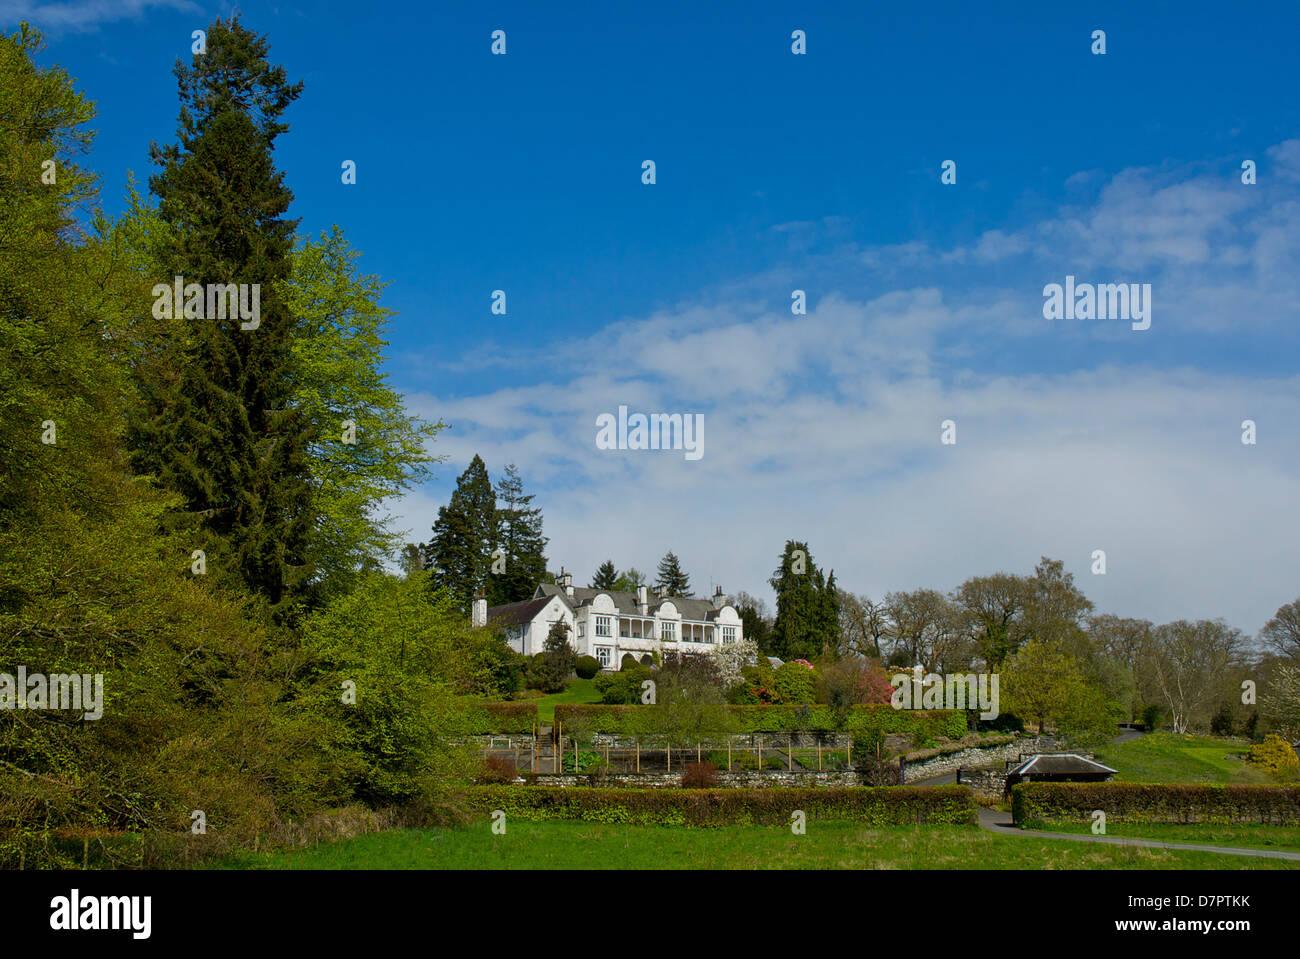 Brockhole, das Besucherzentrum für den Lake District National Park, am Ufer des Lake Windermere, Cumbria, England Stockbild